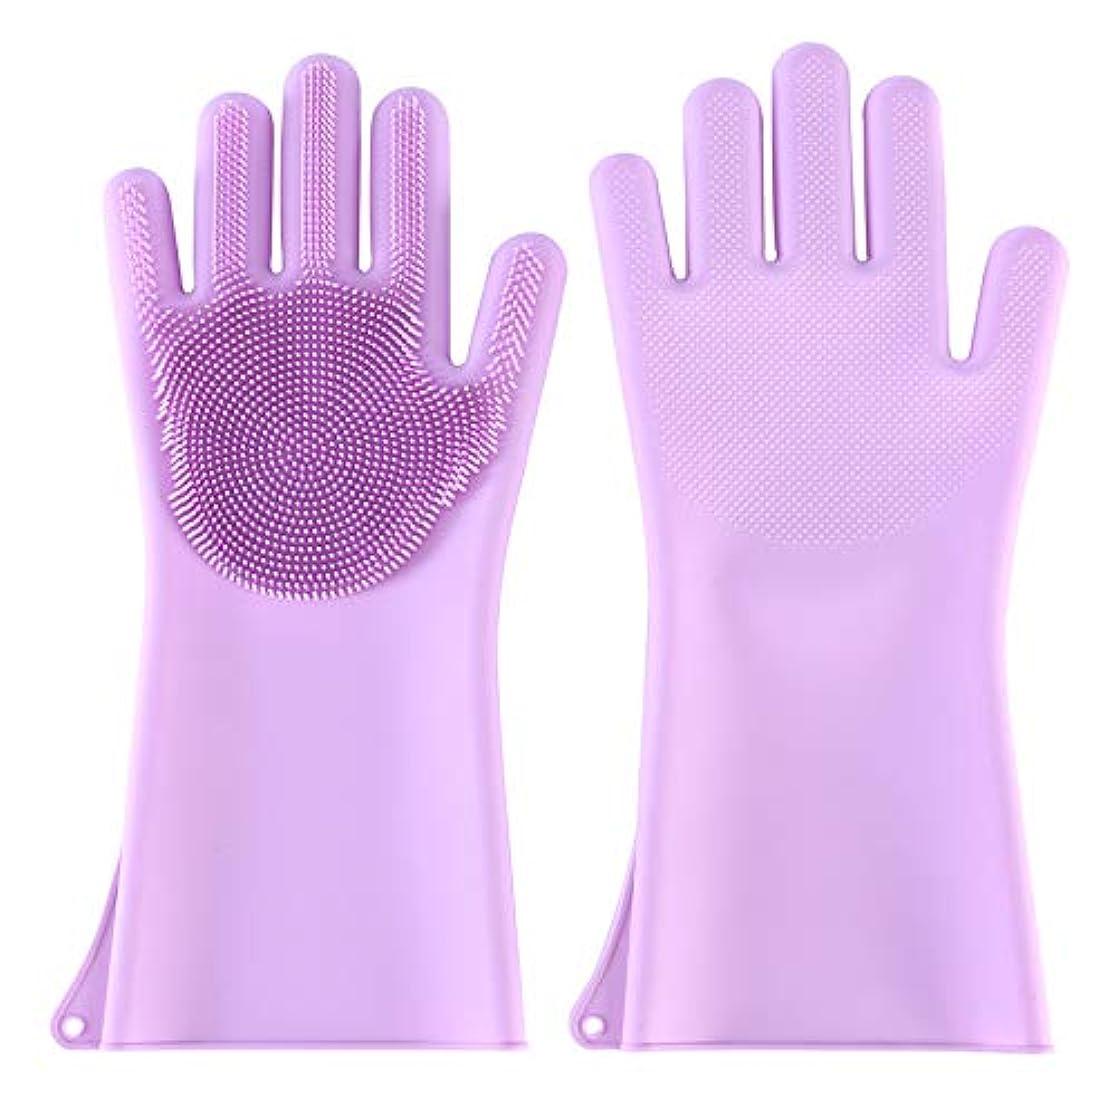 晴れ抜粋風刺BTXXYJP ペット ブラシ 手袋 猫 ブラシ グローブ 耐摩耗 クリーナー 抜け毛取り マッサージブラシ 犬 グローブ お手入れ (Color : Purple)